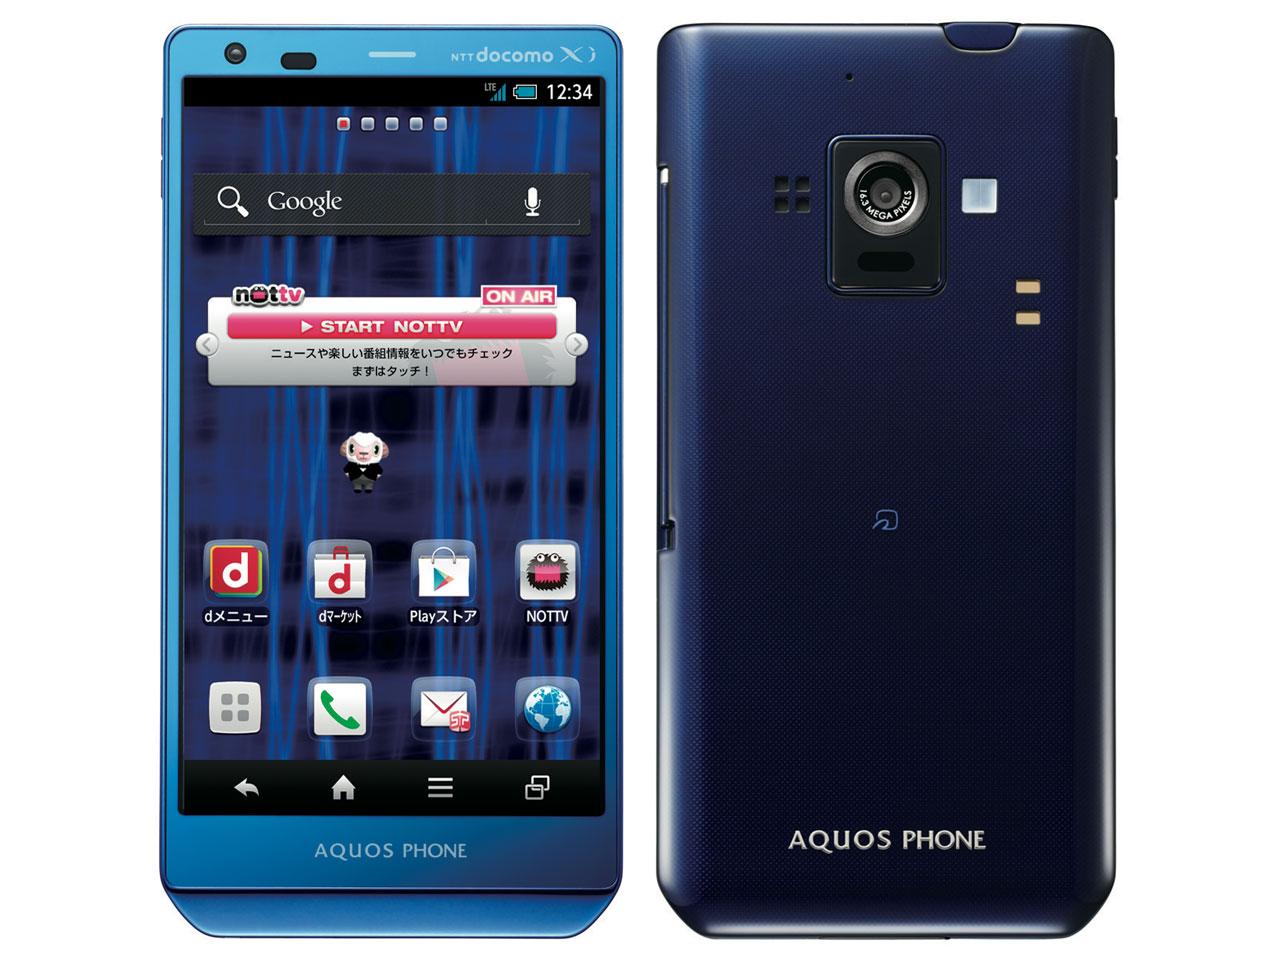 Blue Phone >> 価格.com - AQUOS PHONE ZETA SH-02E docomo [Blue] の製品画像